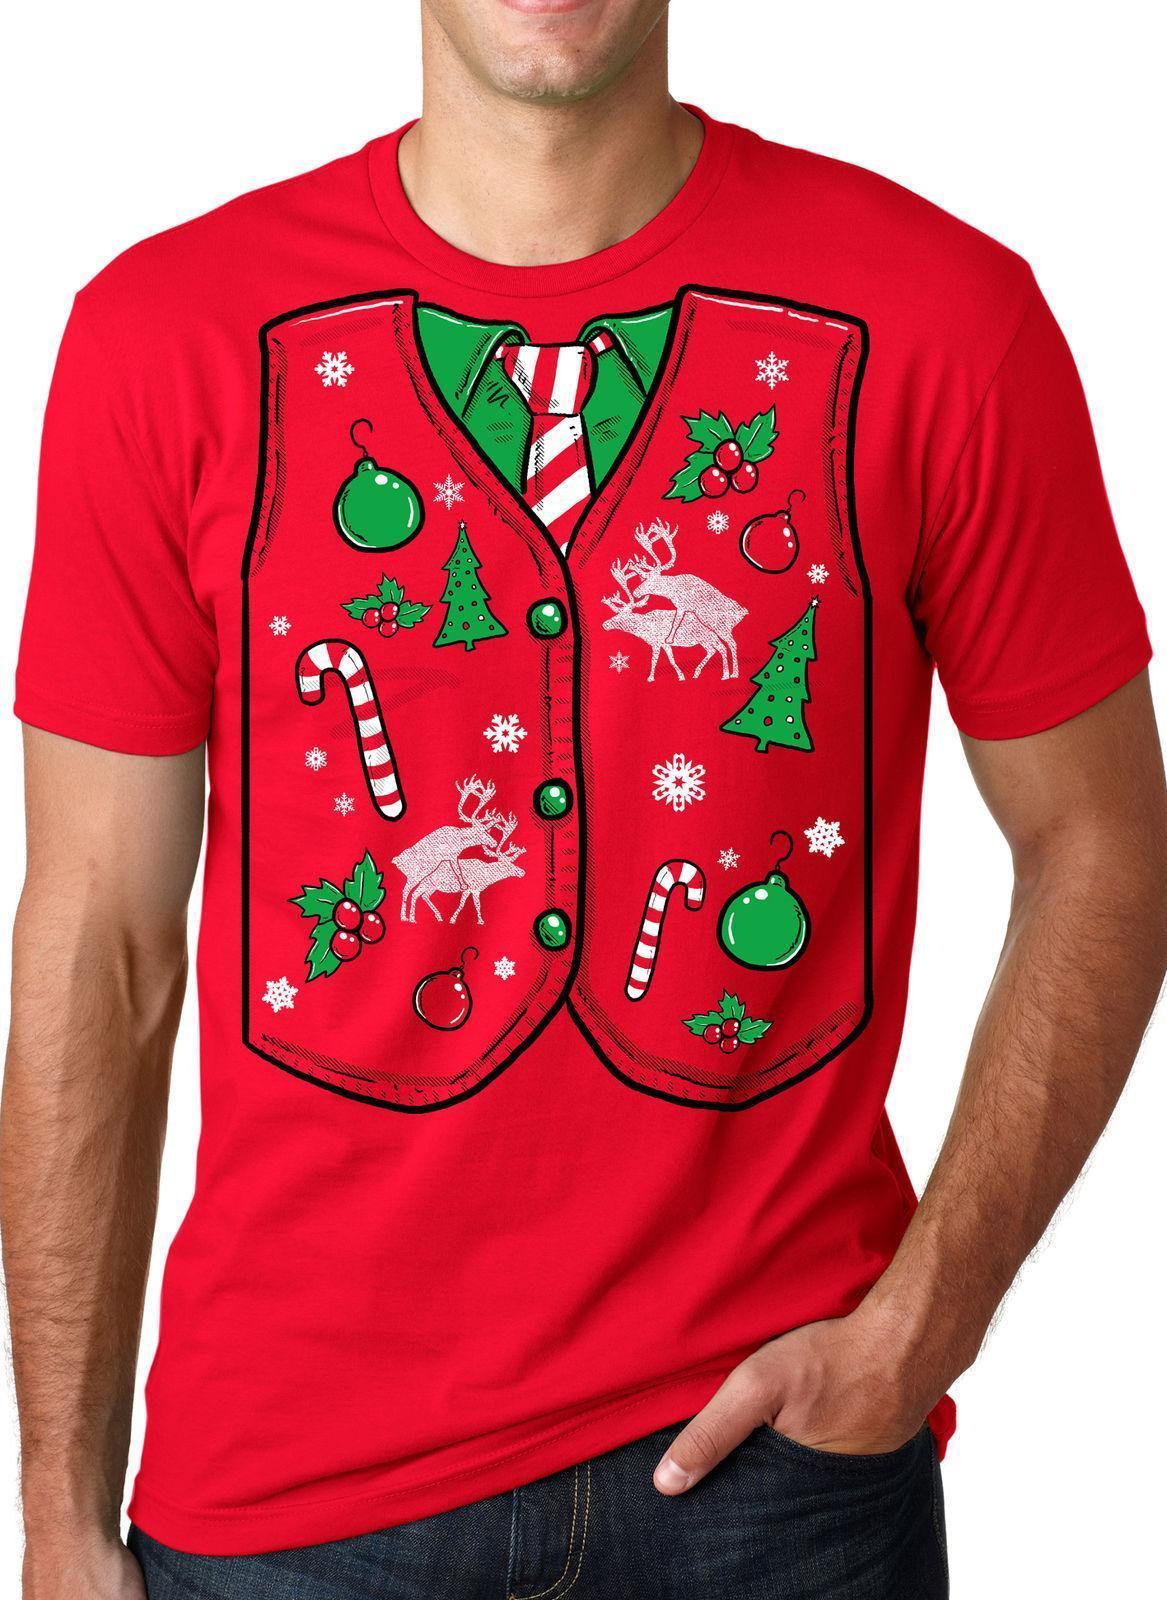 Compre Suéter Feo De La Navidad Del Chaleco De La Camiseta Camisetas  Divertidas Del Día De Fiesta Camisetas Chistosas Del Regalo De Navidad A   12.08 Del ... a925ce711083